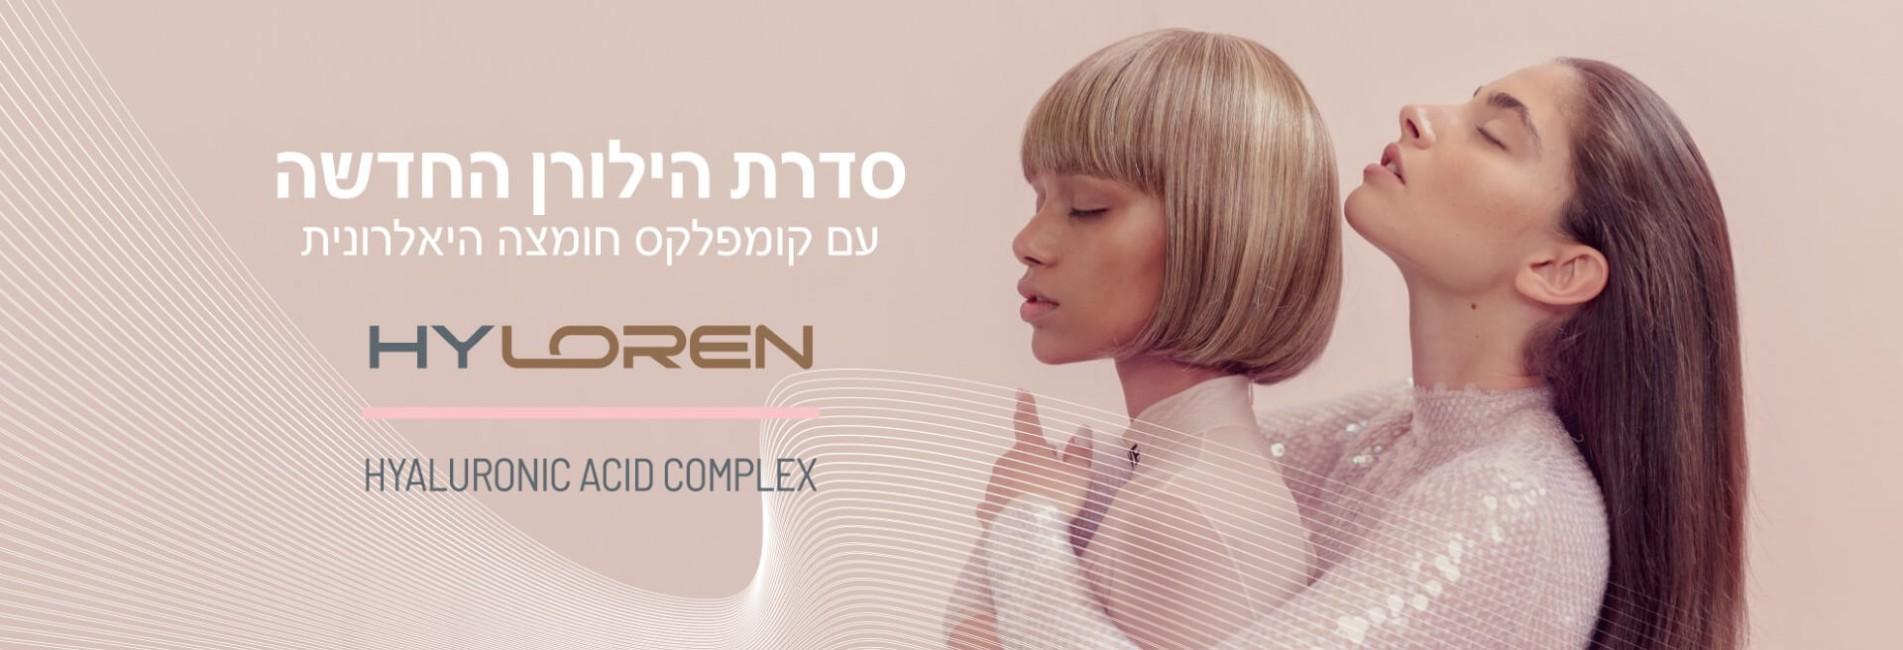 HYLOREN - הילורן לשיקום שיער יבש ופגום